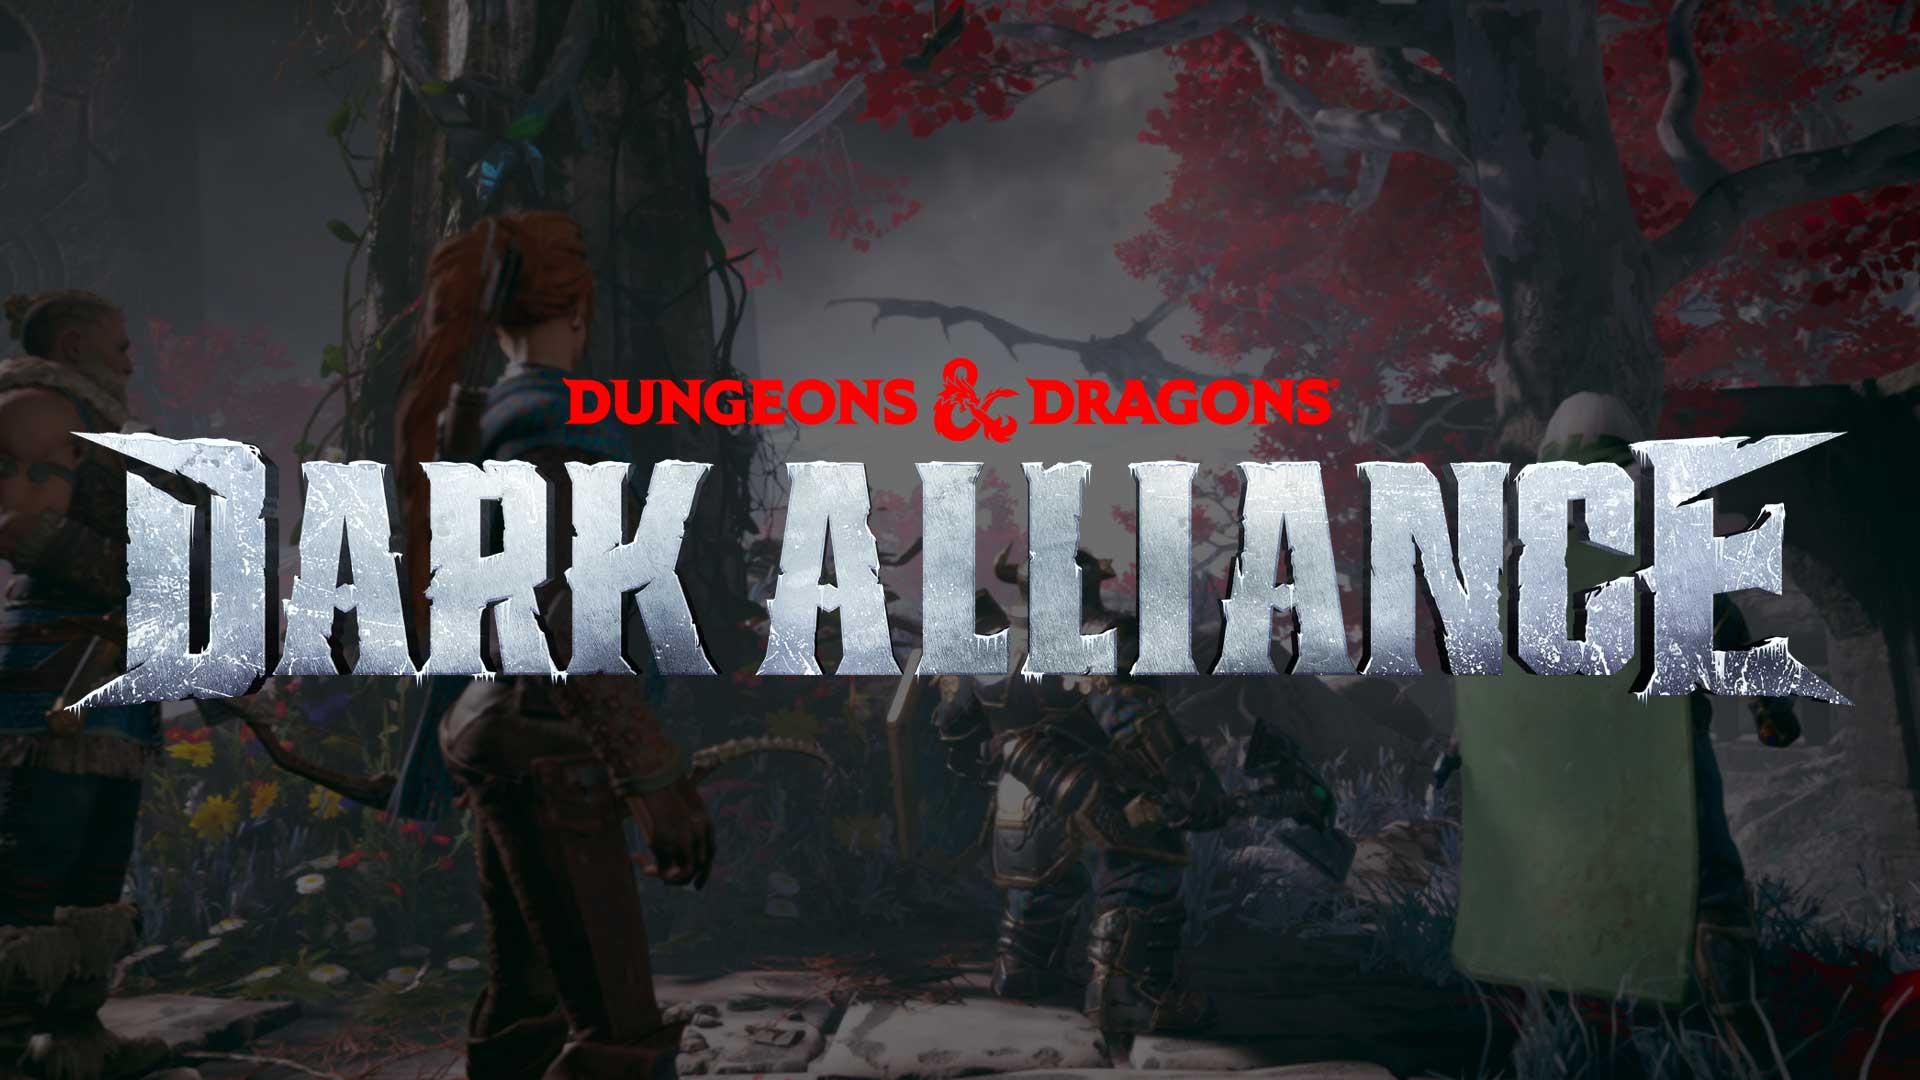 Dark Alliance screenshot 1 babt